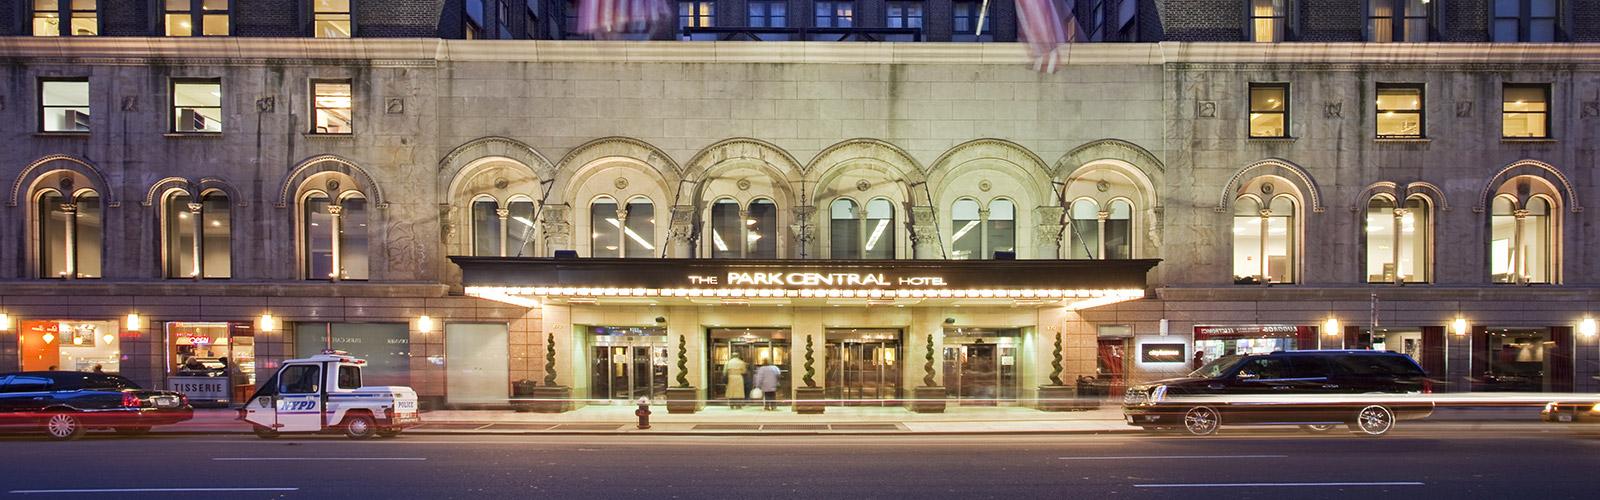 Park-Cental-Hotel-NY